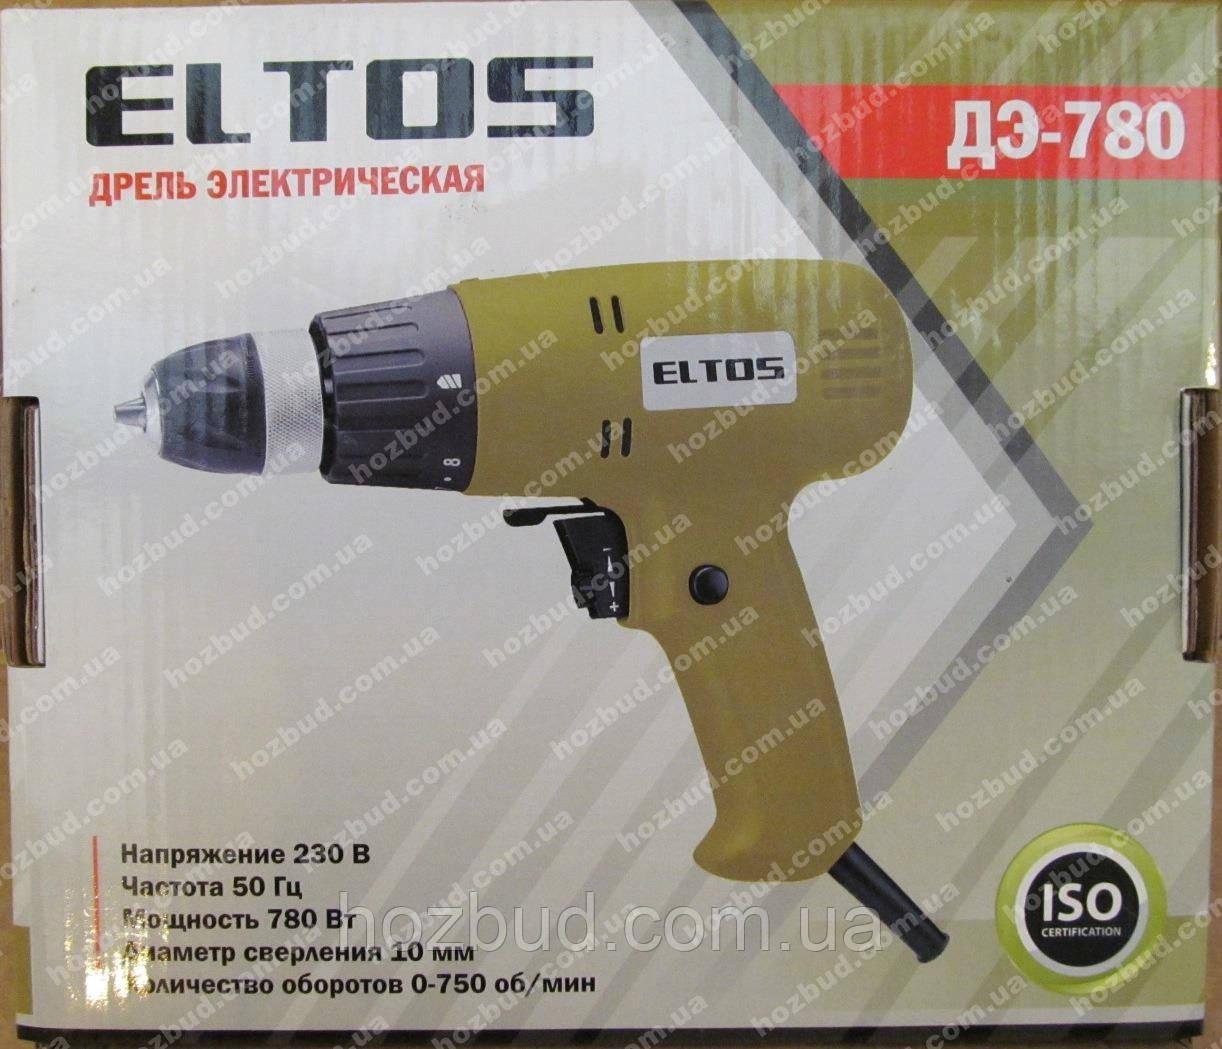 Мережевий шуруповерт Eltos ДЕ-780